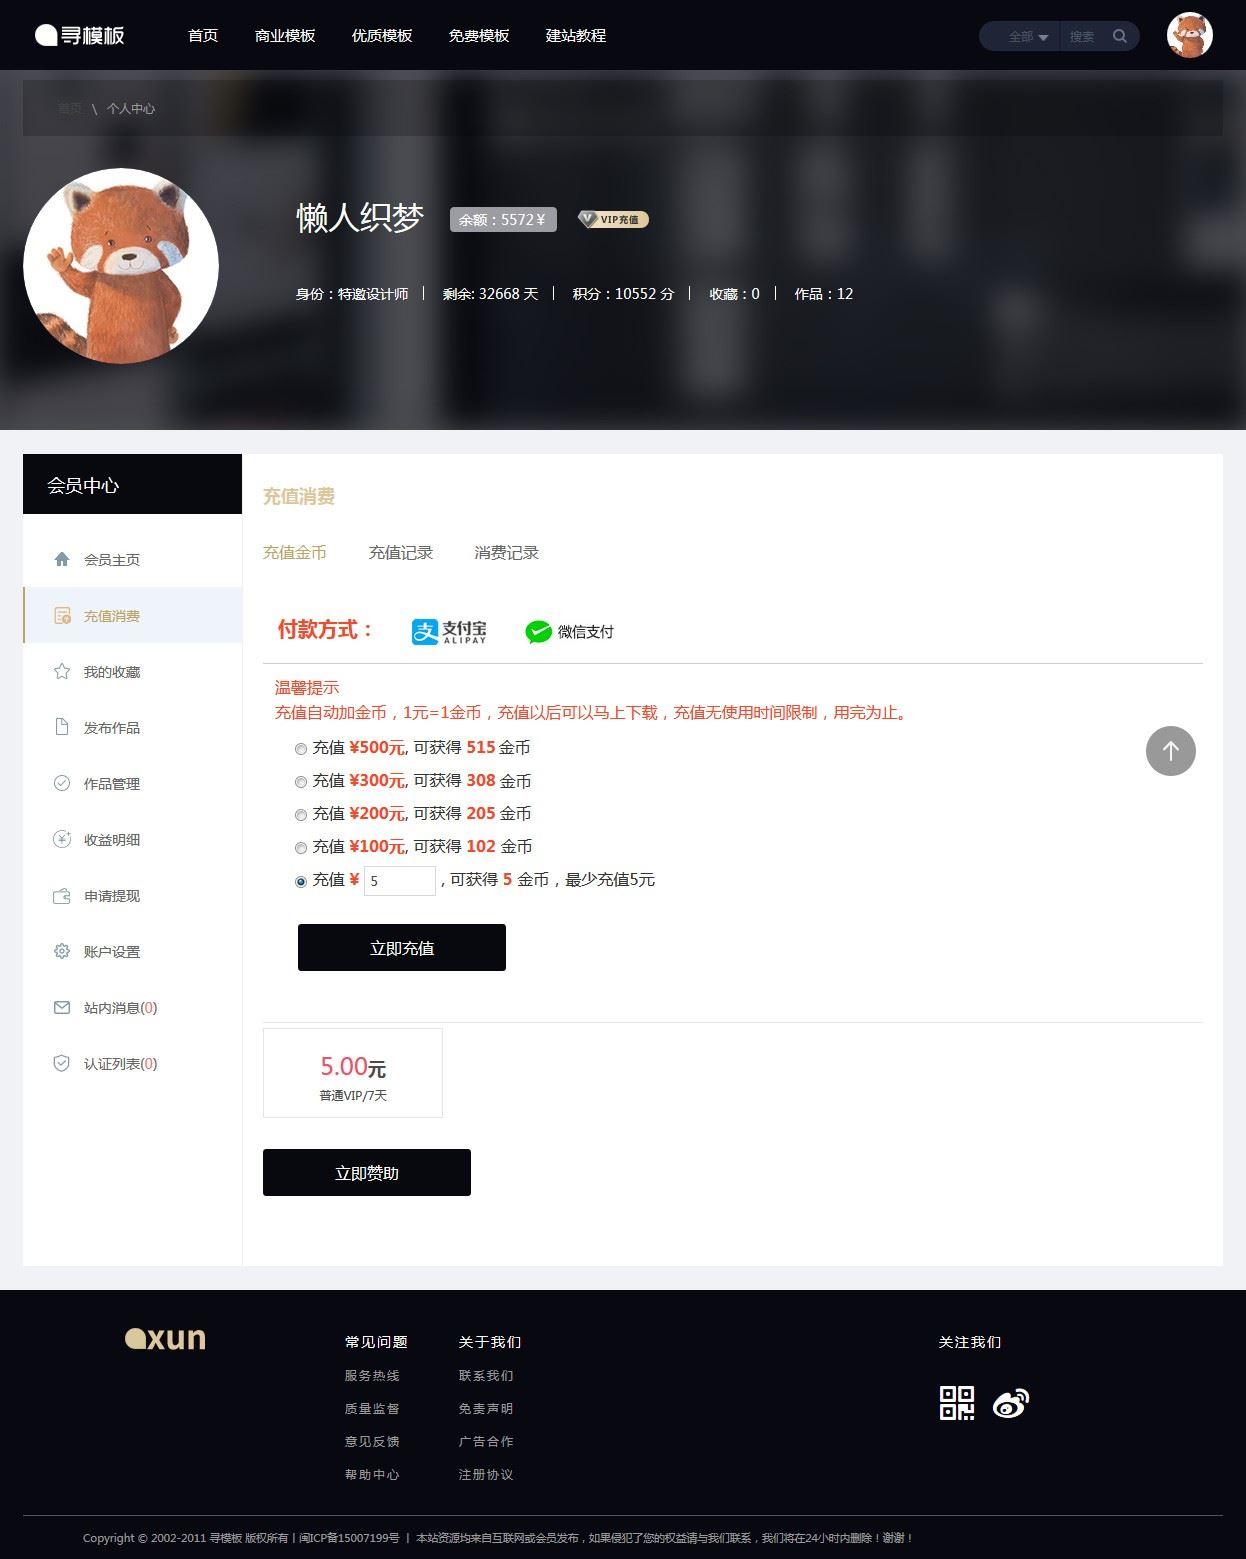 【dedecms】虚拟资源素材视频织梦dedecms网站系统模板-爱资源分享